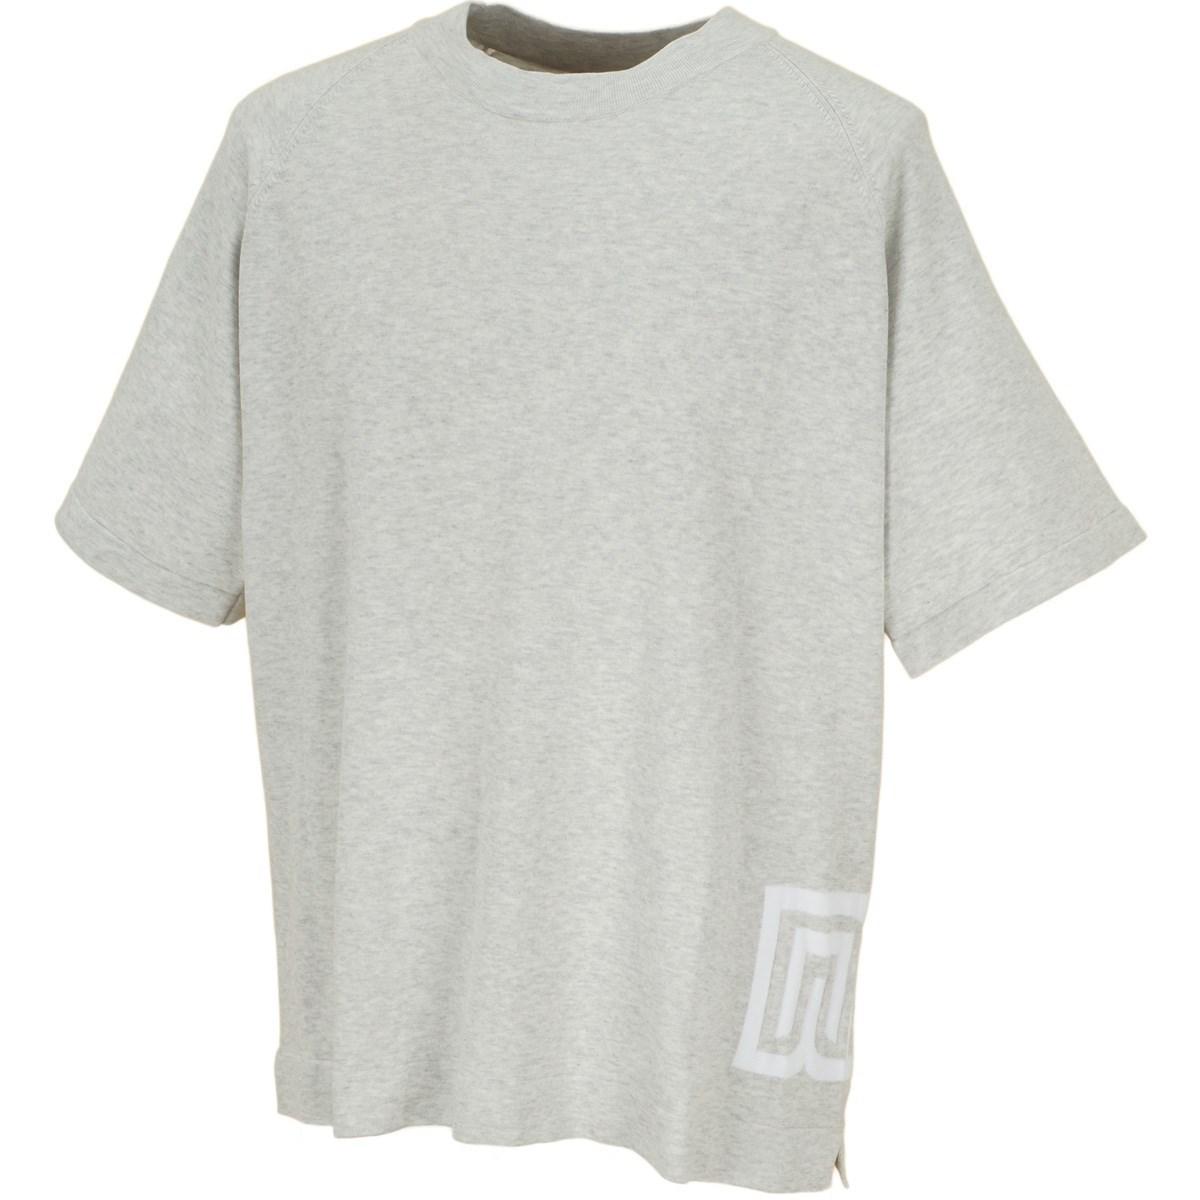 エネーレ ドライコットン 半袖ビッグフィットクルーセーター